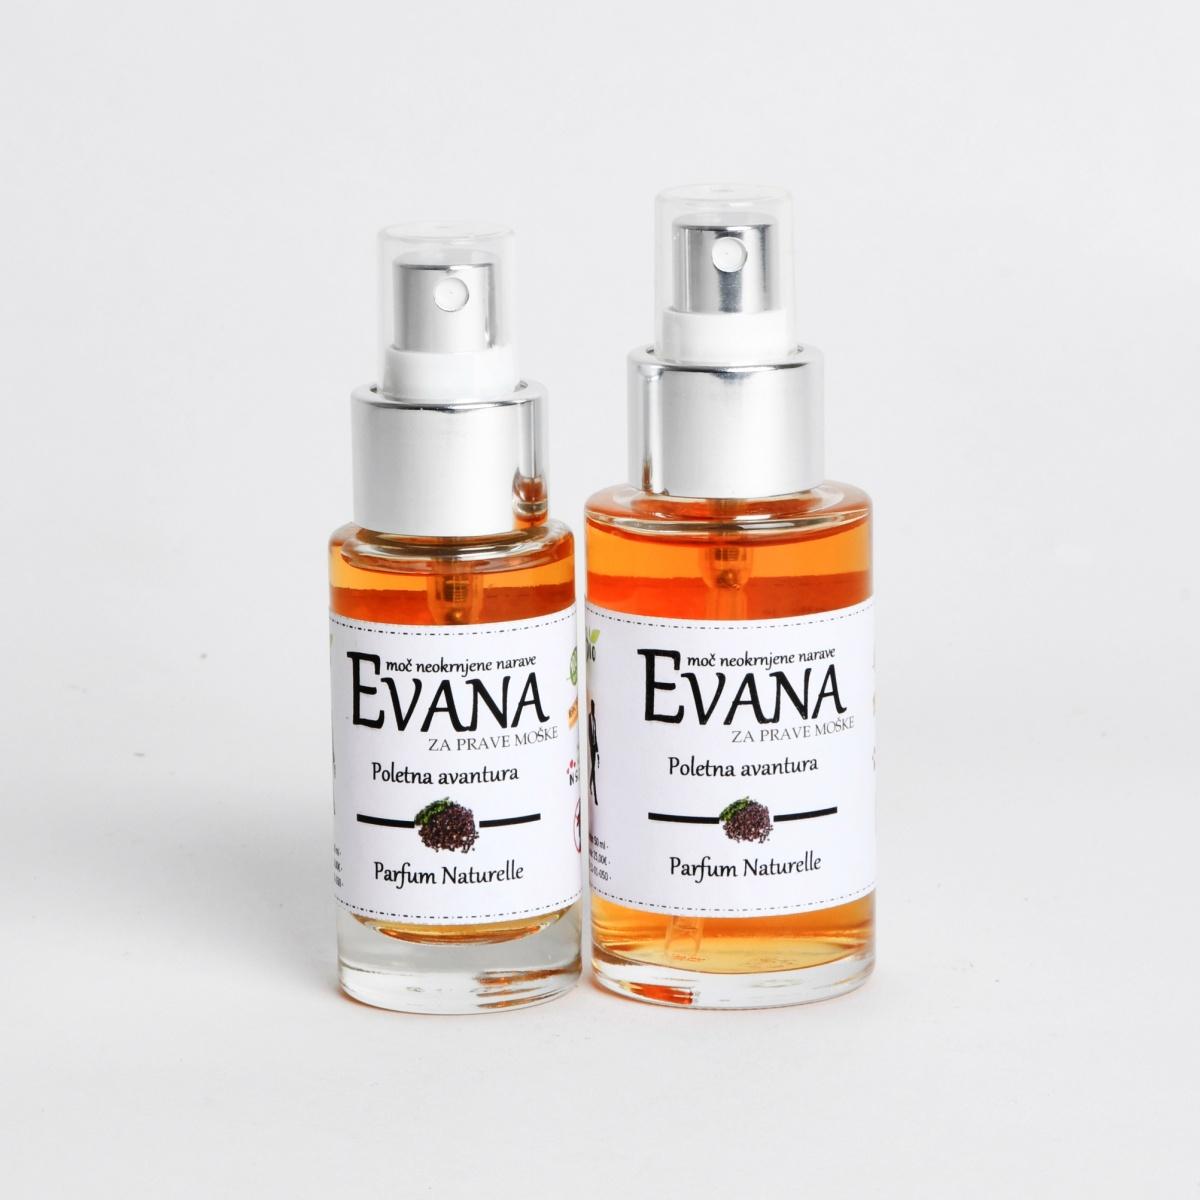 BIO parfum naturelle 07 11 01 050